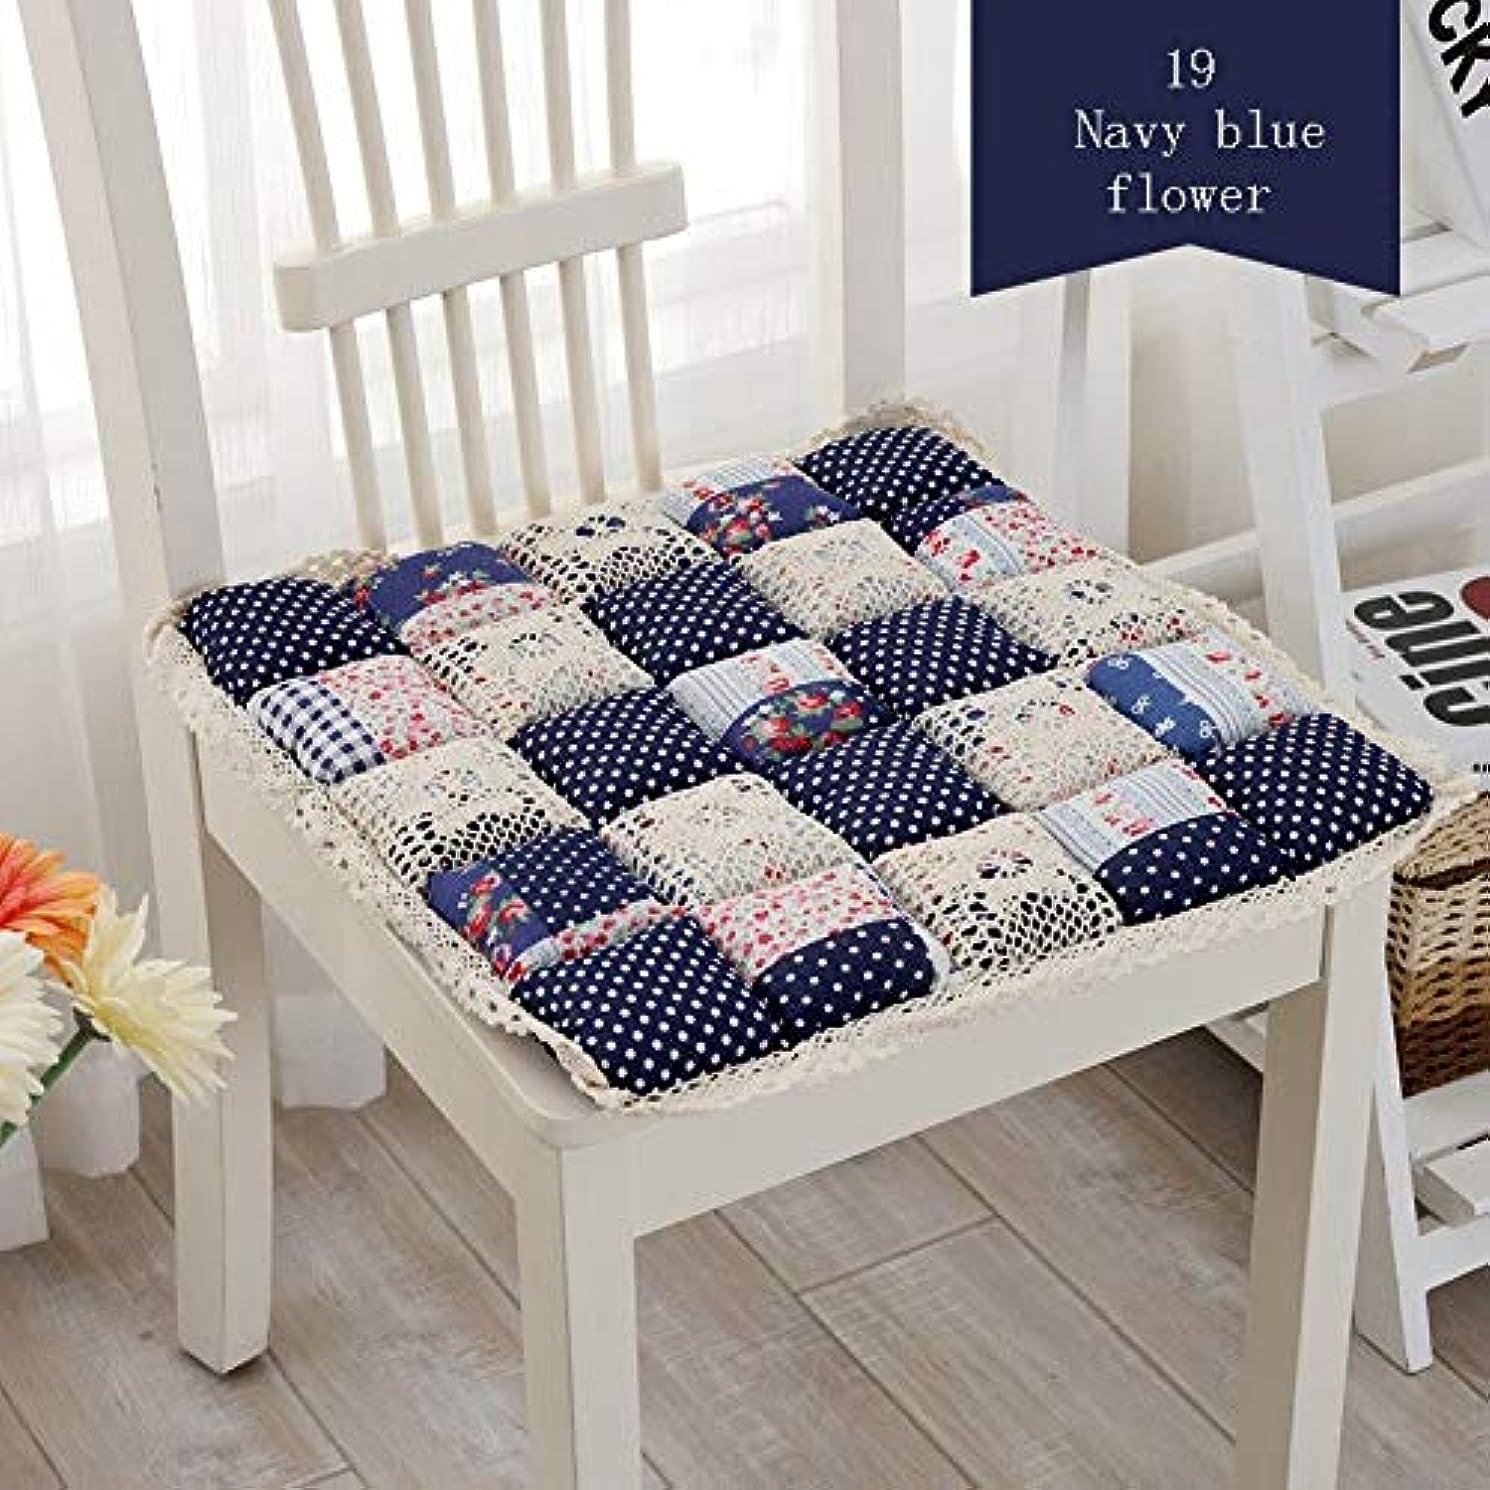 国ペフスカルクLIFE 1 個抗褥瘡綿椅子クッション 24 色ファッションオフィス正方形クッション学生チェアクッション家の装飾厚み クッション 椅子